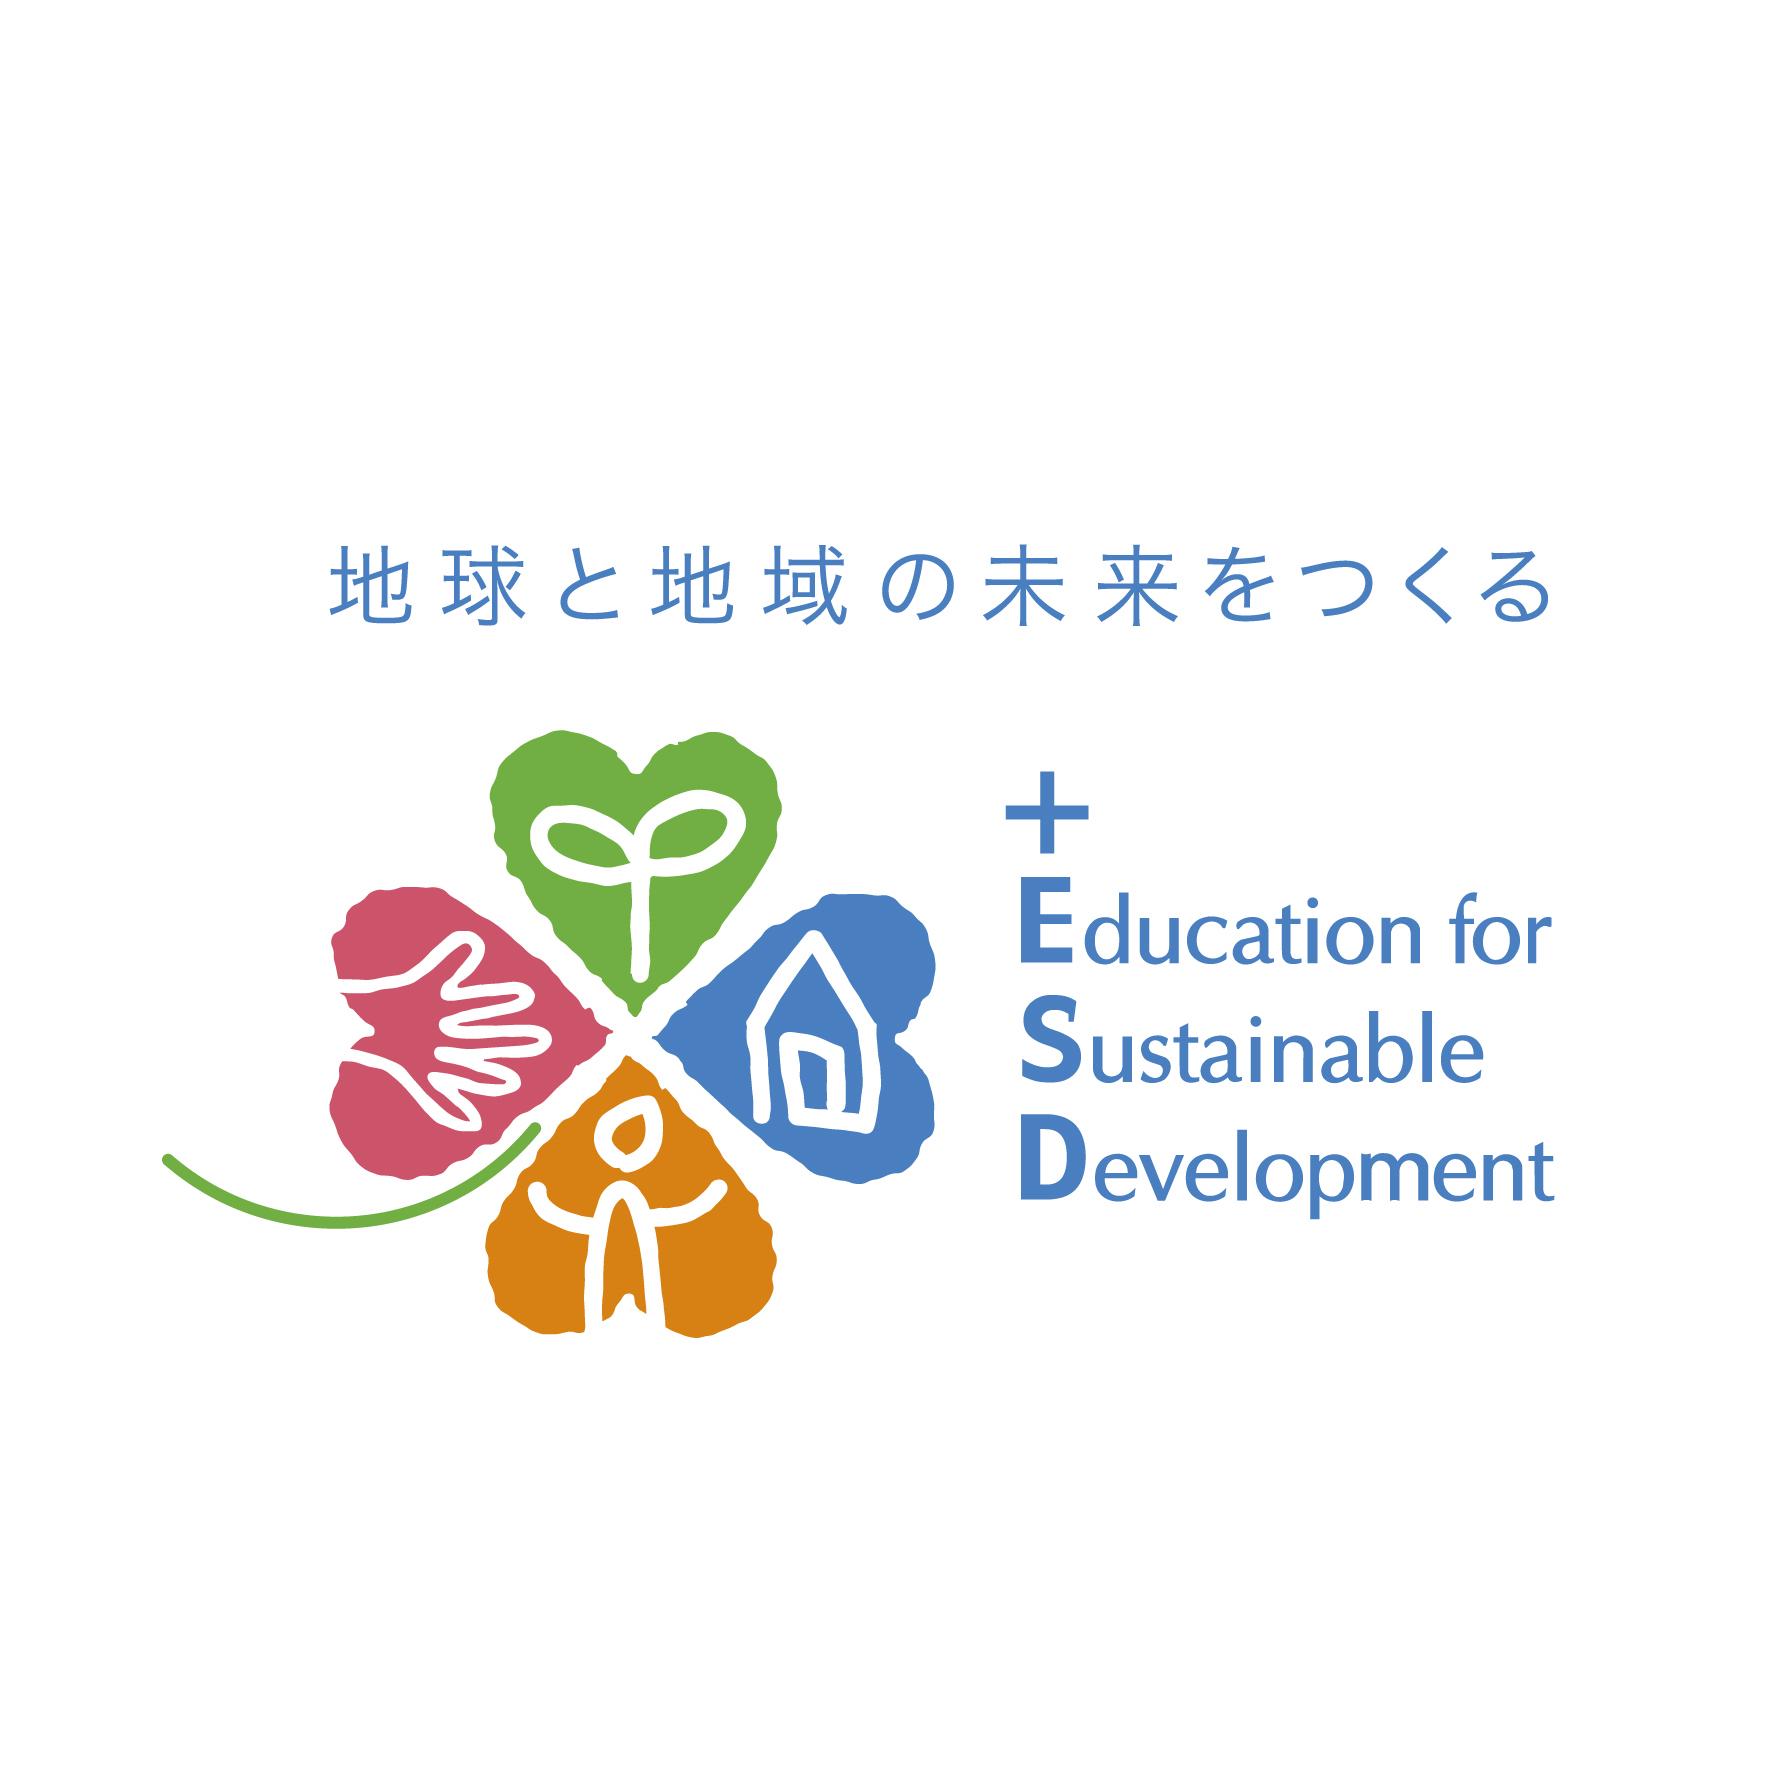 +ESDプロジェクトに登録